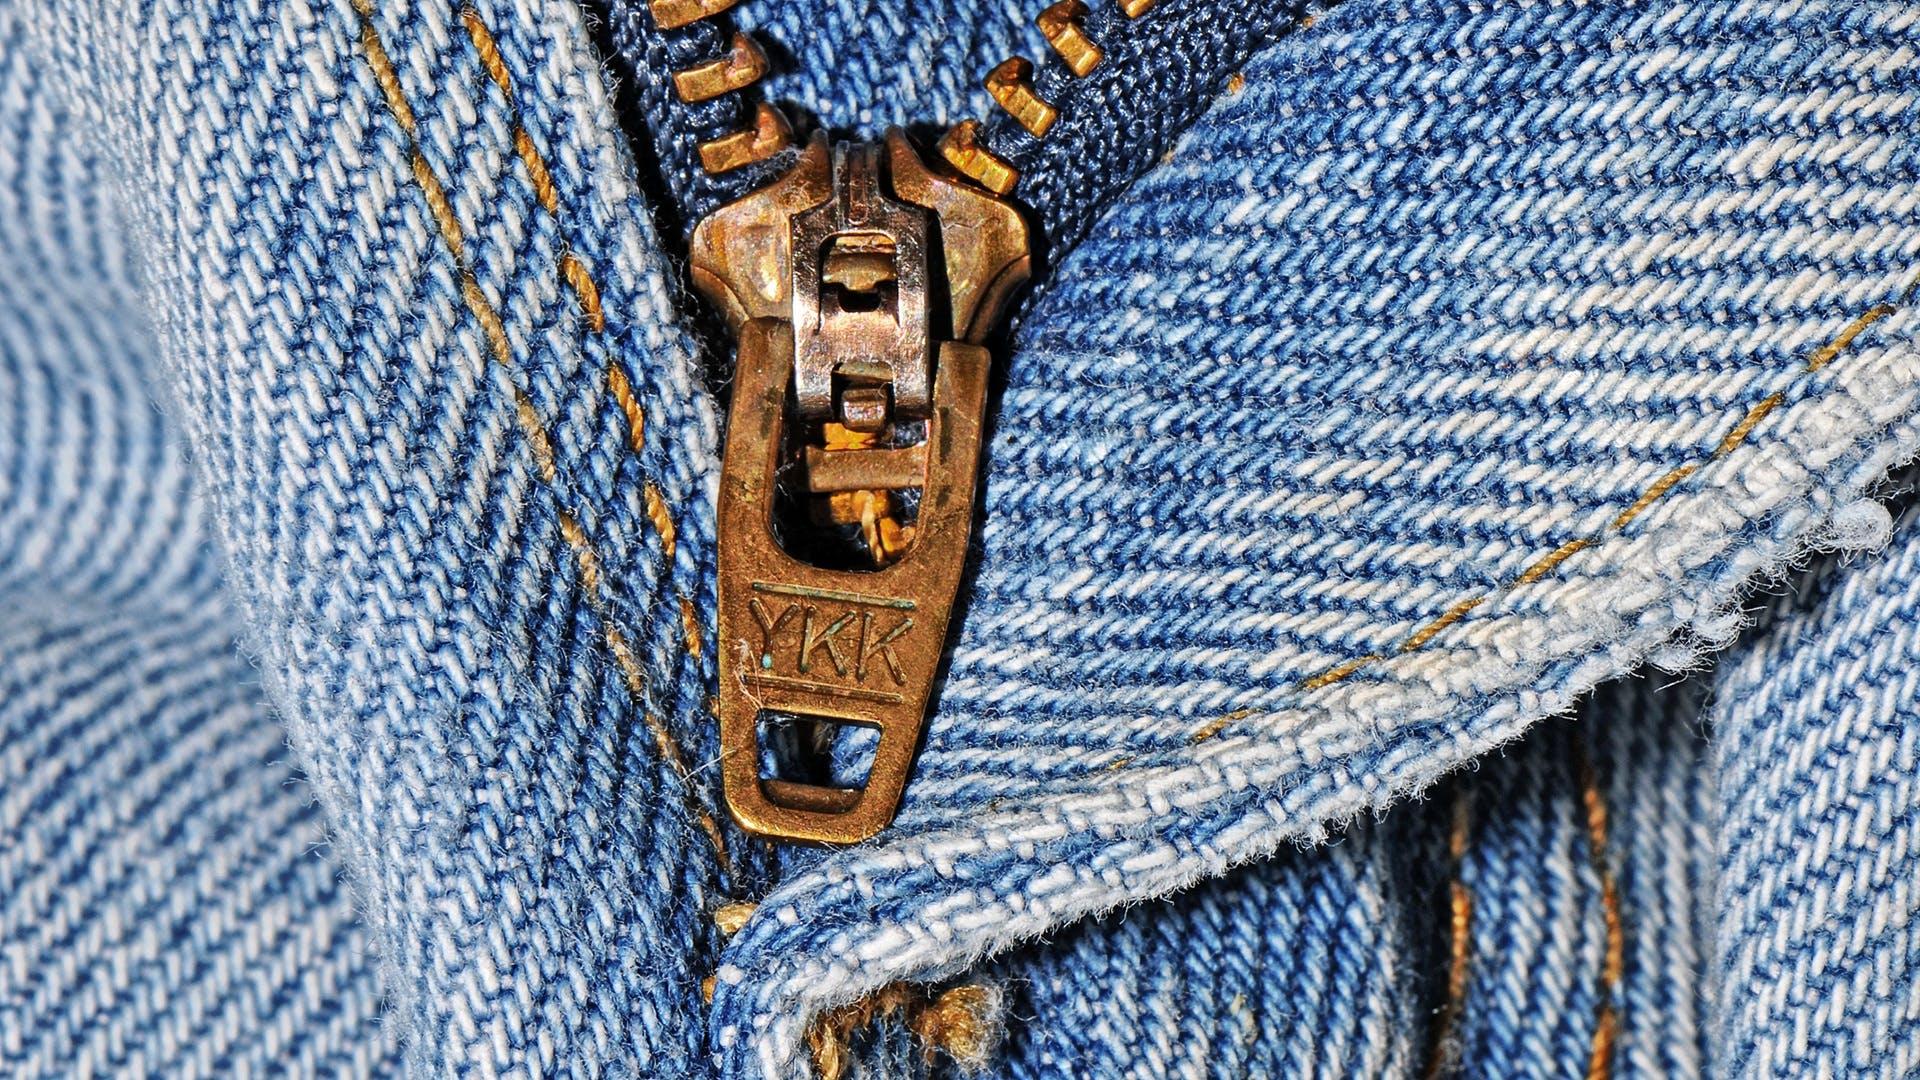 Gratis lagerfoto af beklædning, blå, bukser, cowboybukser